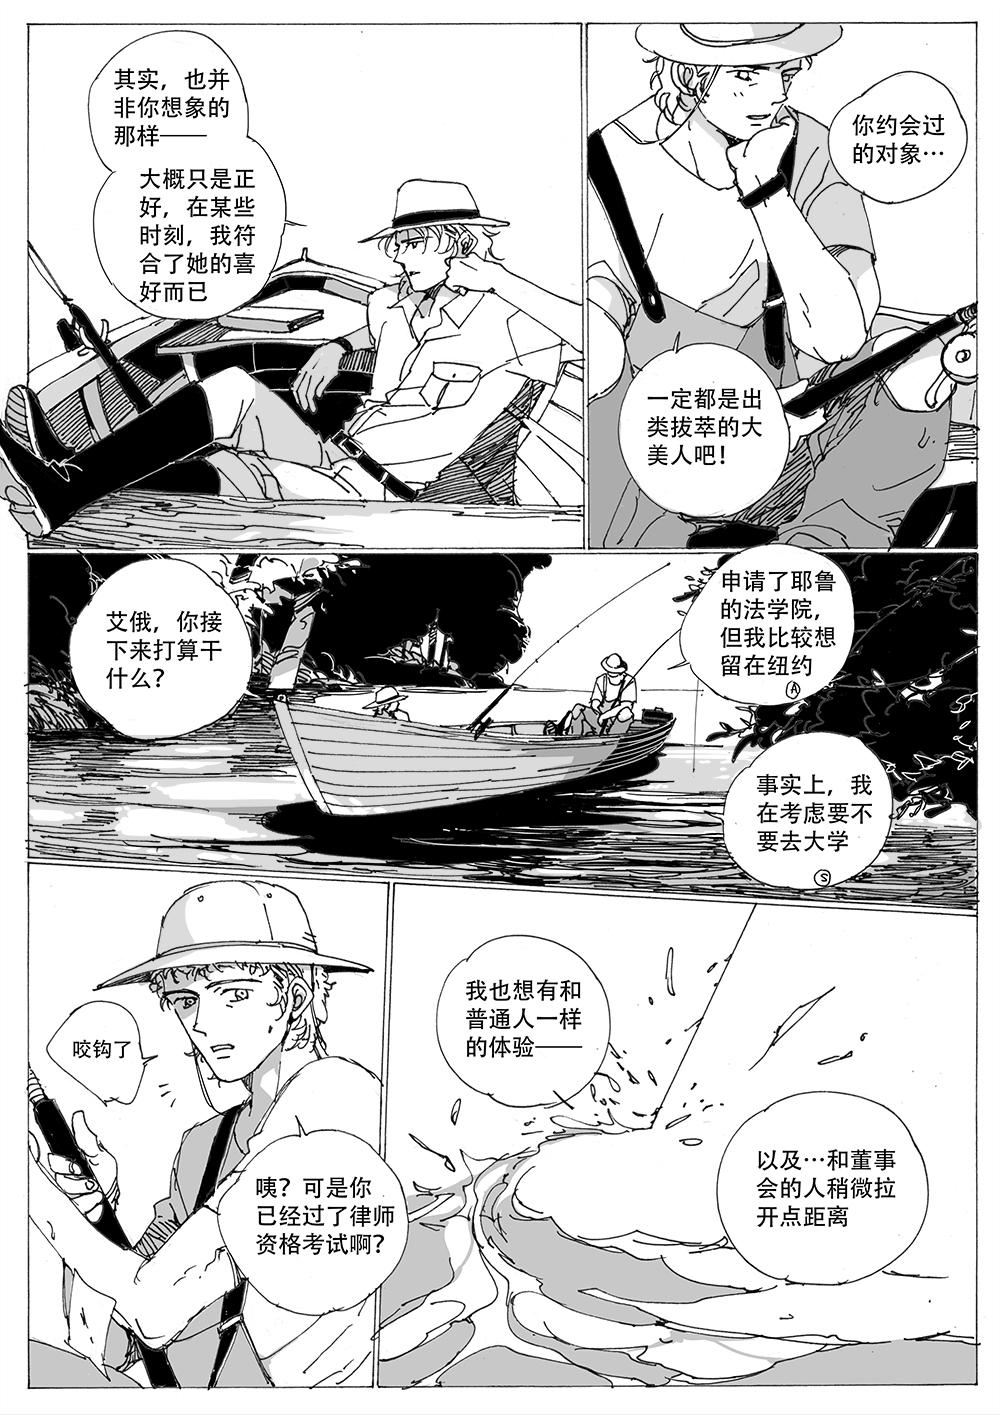 大双心河10